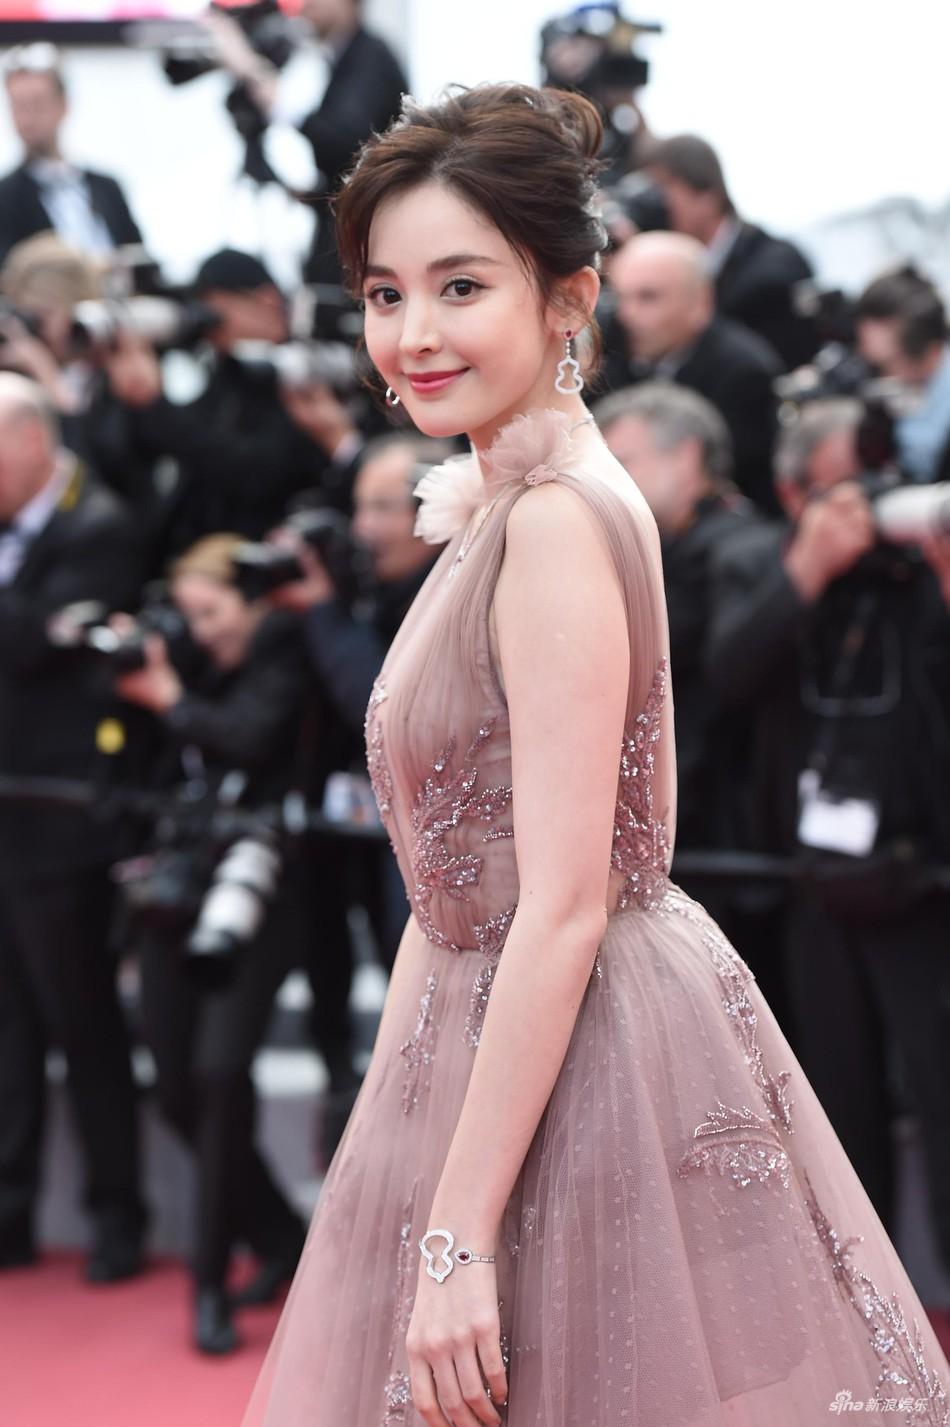 Thảm đỏ LHP Cannes: Cổ Lực Na Trát hở ngực gợi cảm nhưng bị loạt mỹ nhân châu Á khác át vía - Ảnh 3.